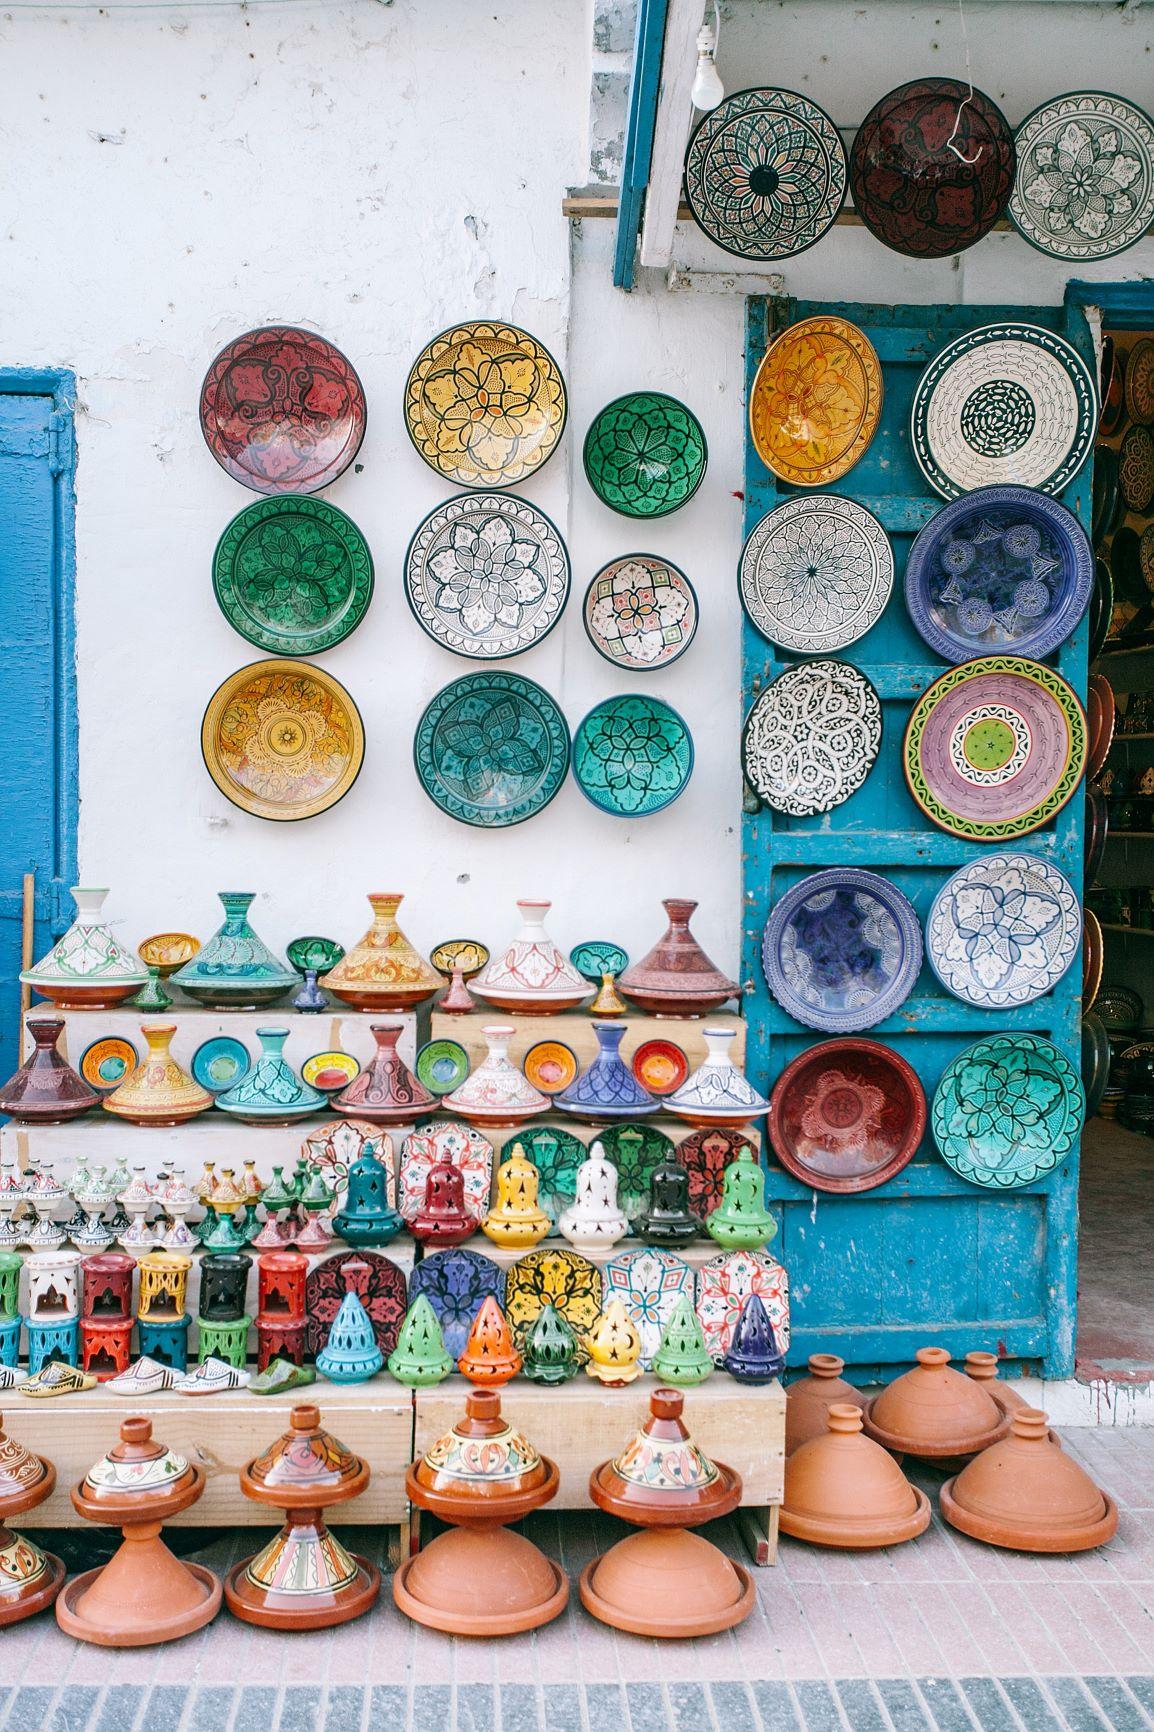 Potiers exposant au Maroc